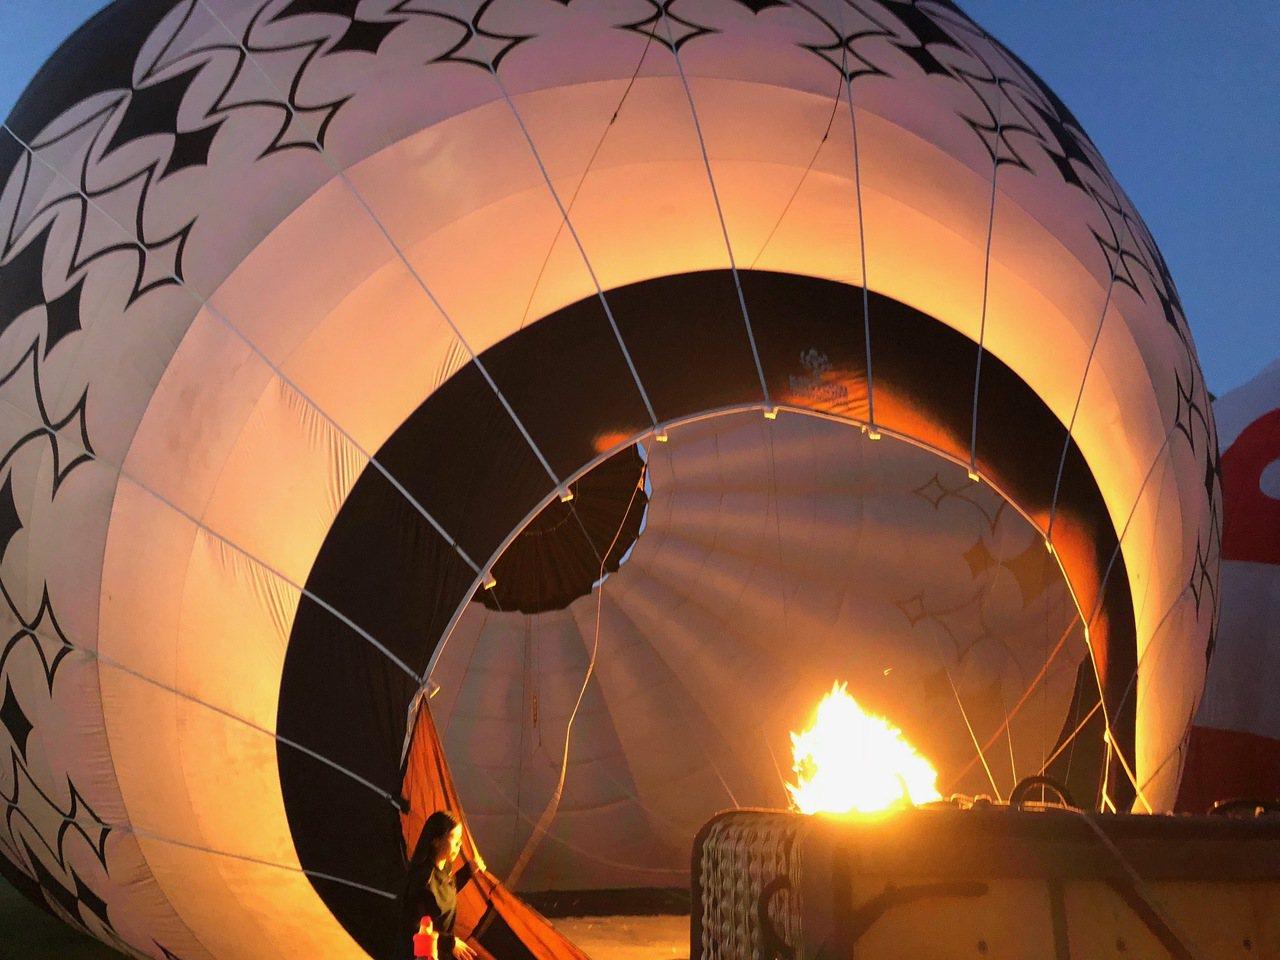 熱氣球升空前的準備。記者錢欽青攝影。